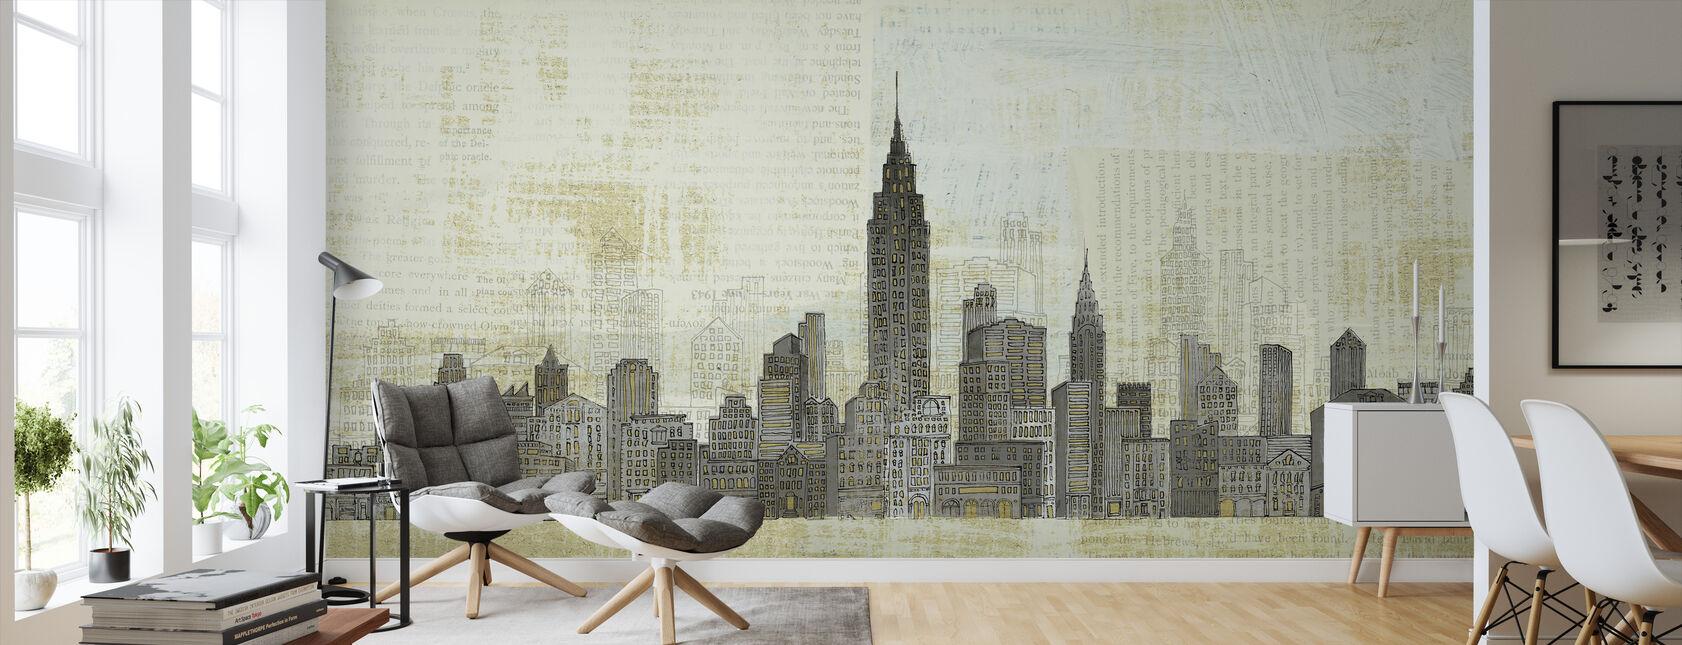 Avery Tillmon - Empire Skyline - Wallpaper - Living Room